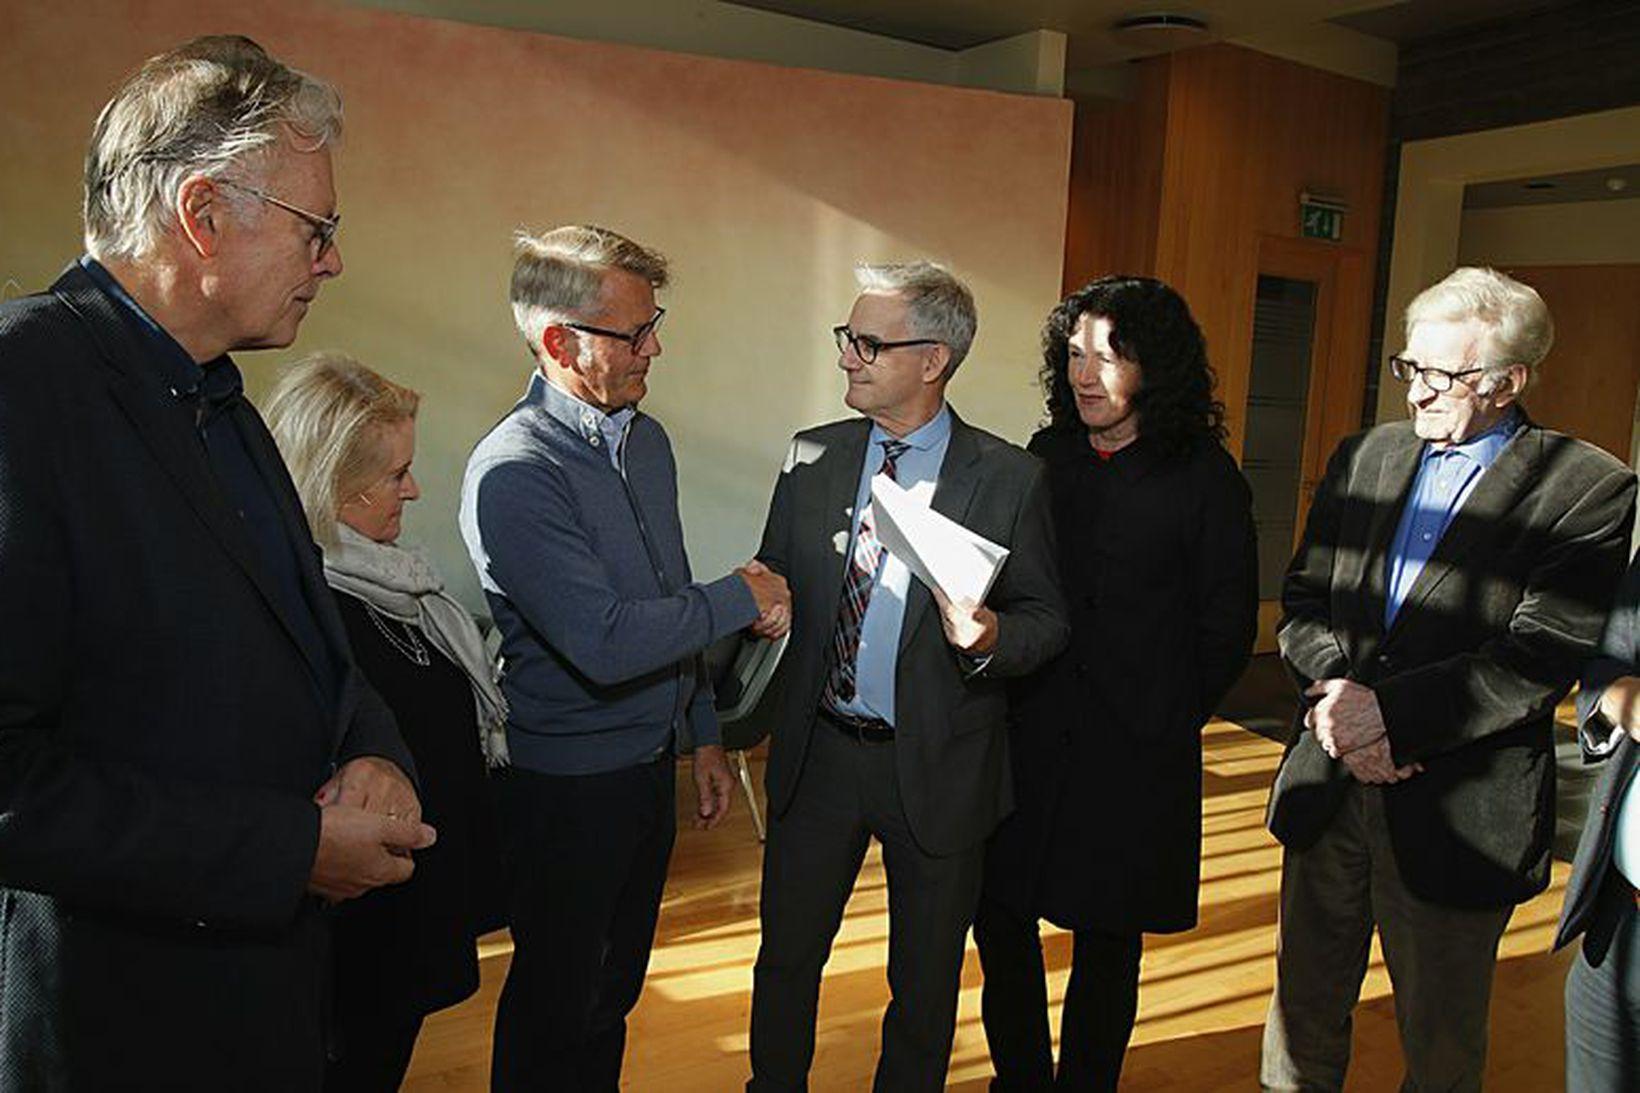 Ögmundur Jónasson, Ingibjörg Sverrisdóttir, Frosti Sigurjónsson, Guðjóns S. Brjánsson, Elinóra …